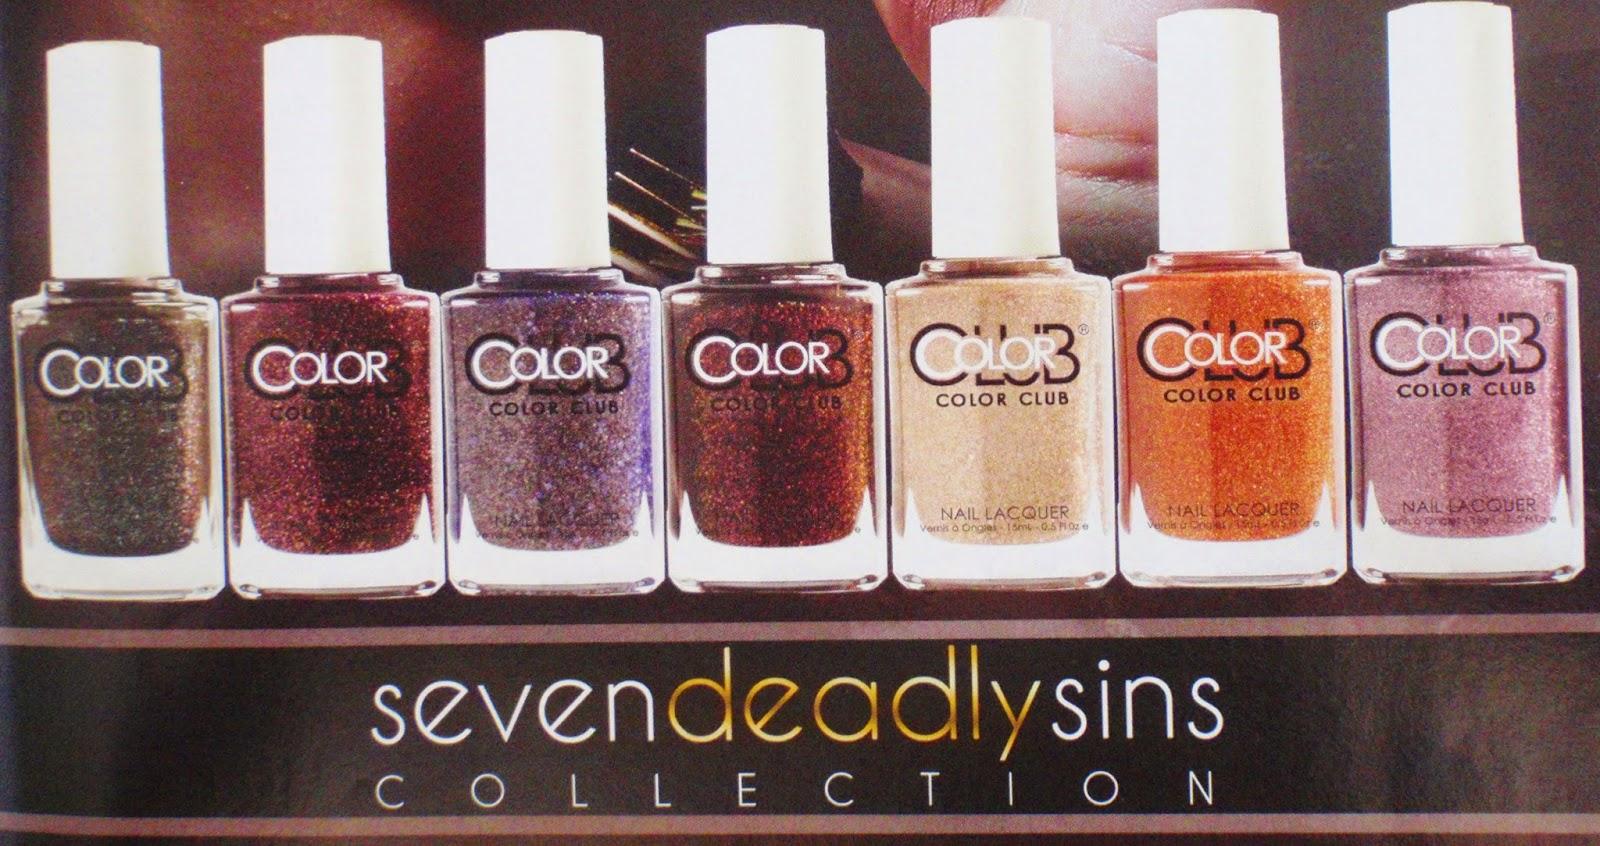 color club 7 deadly sins